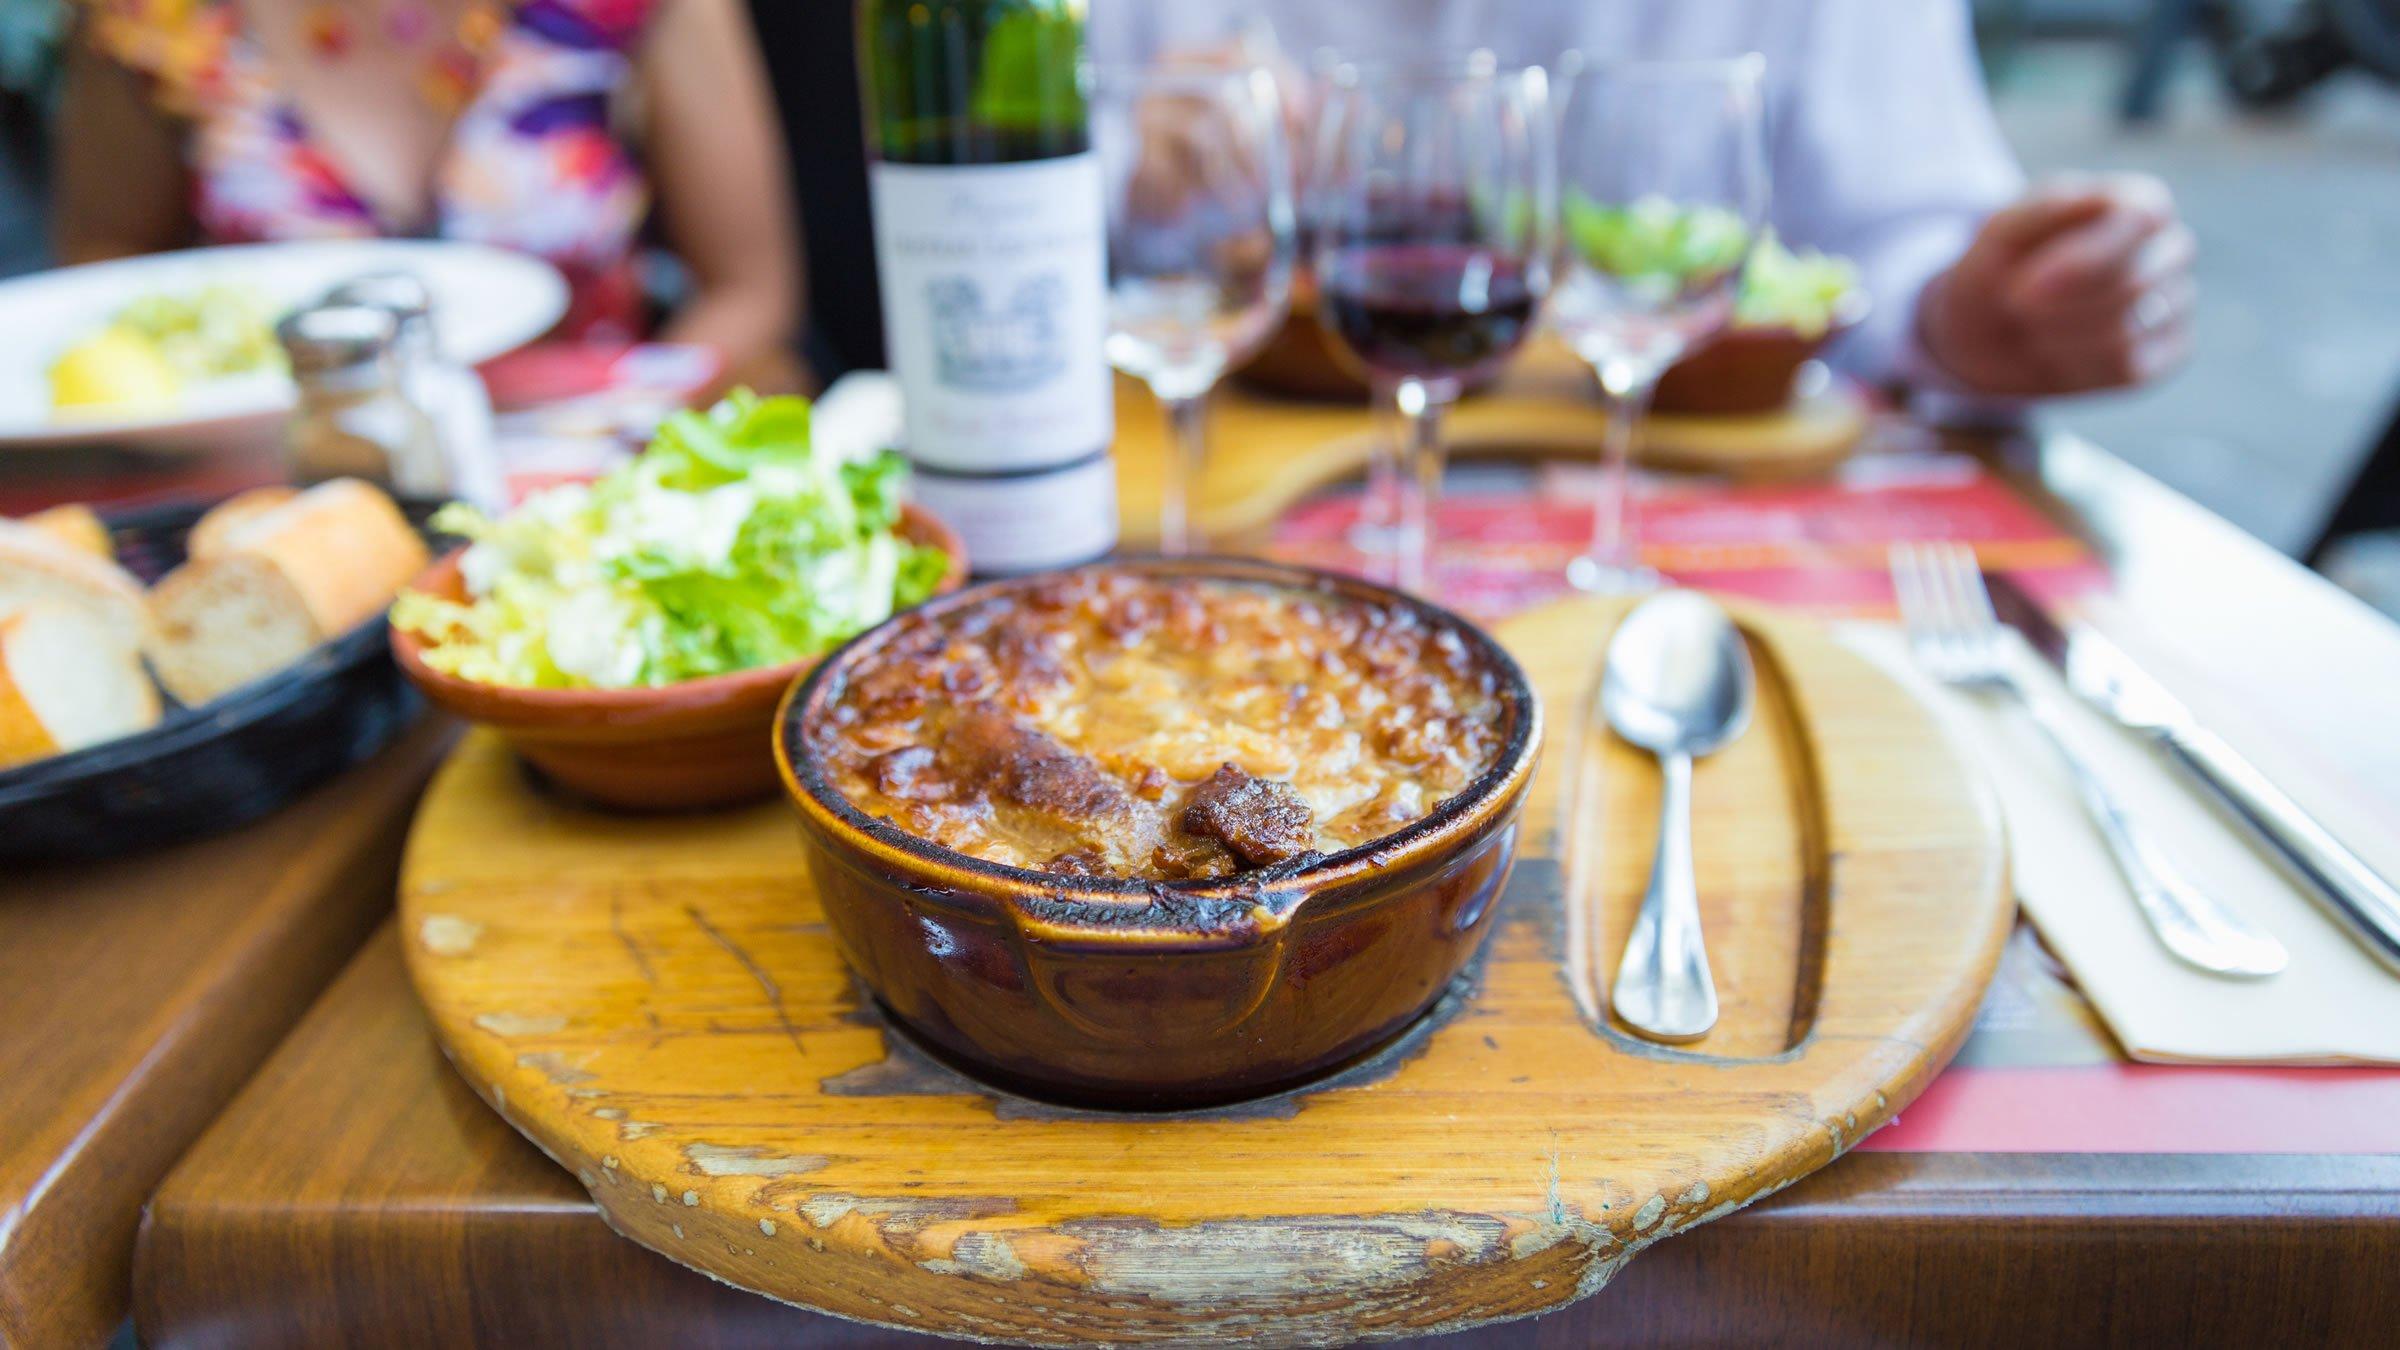 Presentaci n de un plato de cassoulet en toulouse for Platos franceses